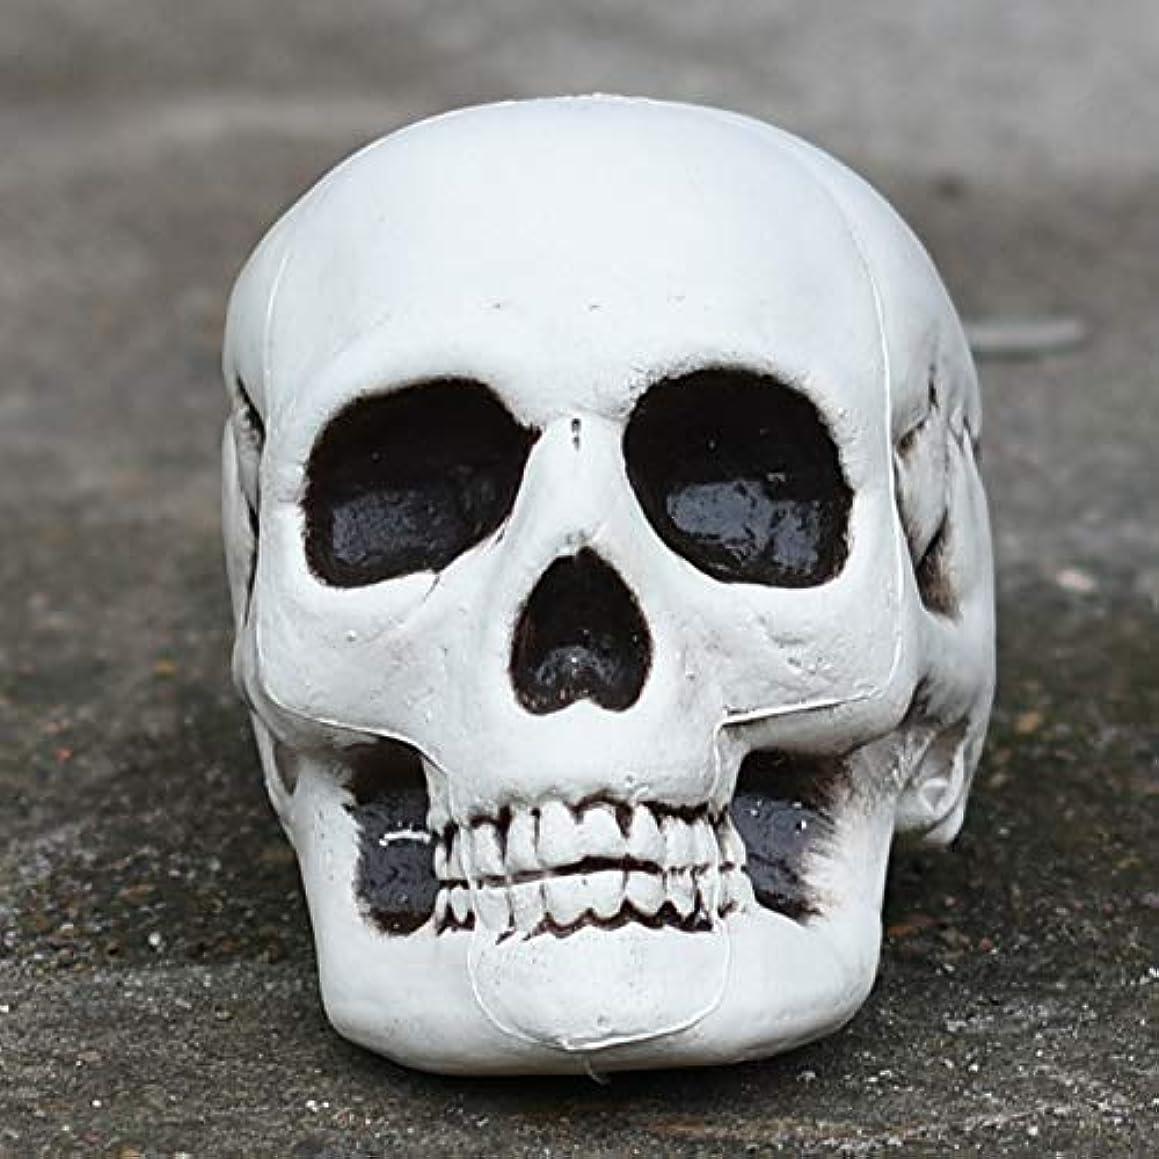 乱すに対してポーターETRRUU HOME デッドトゥースハロウィン小道具バーお化け屋敷秘密の部屋スカル装飾品シミュレーション骨モデル